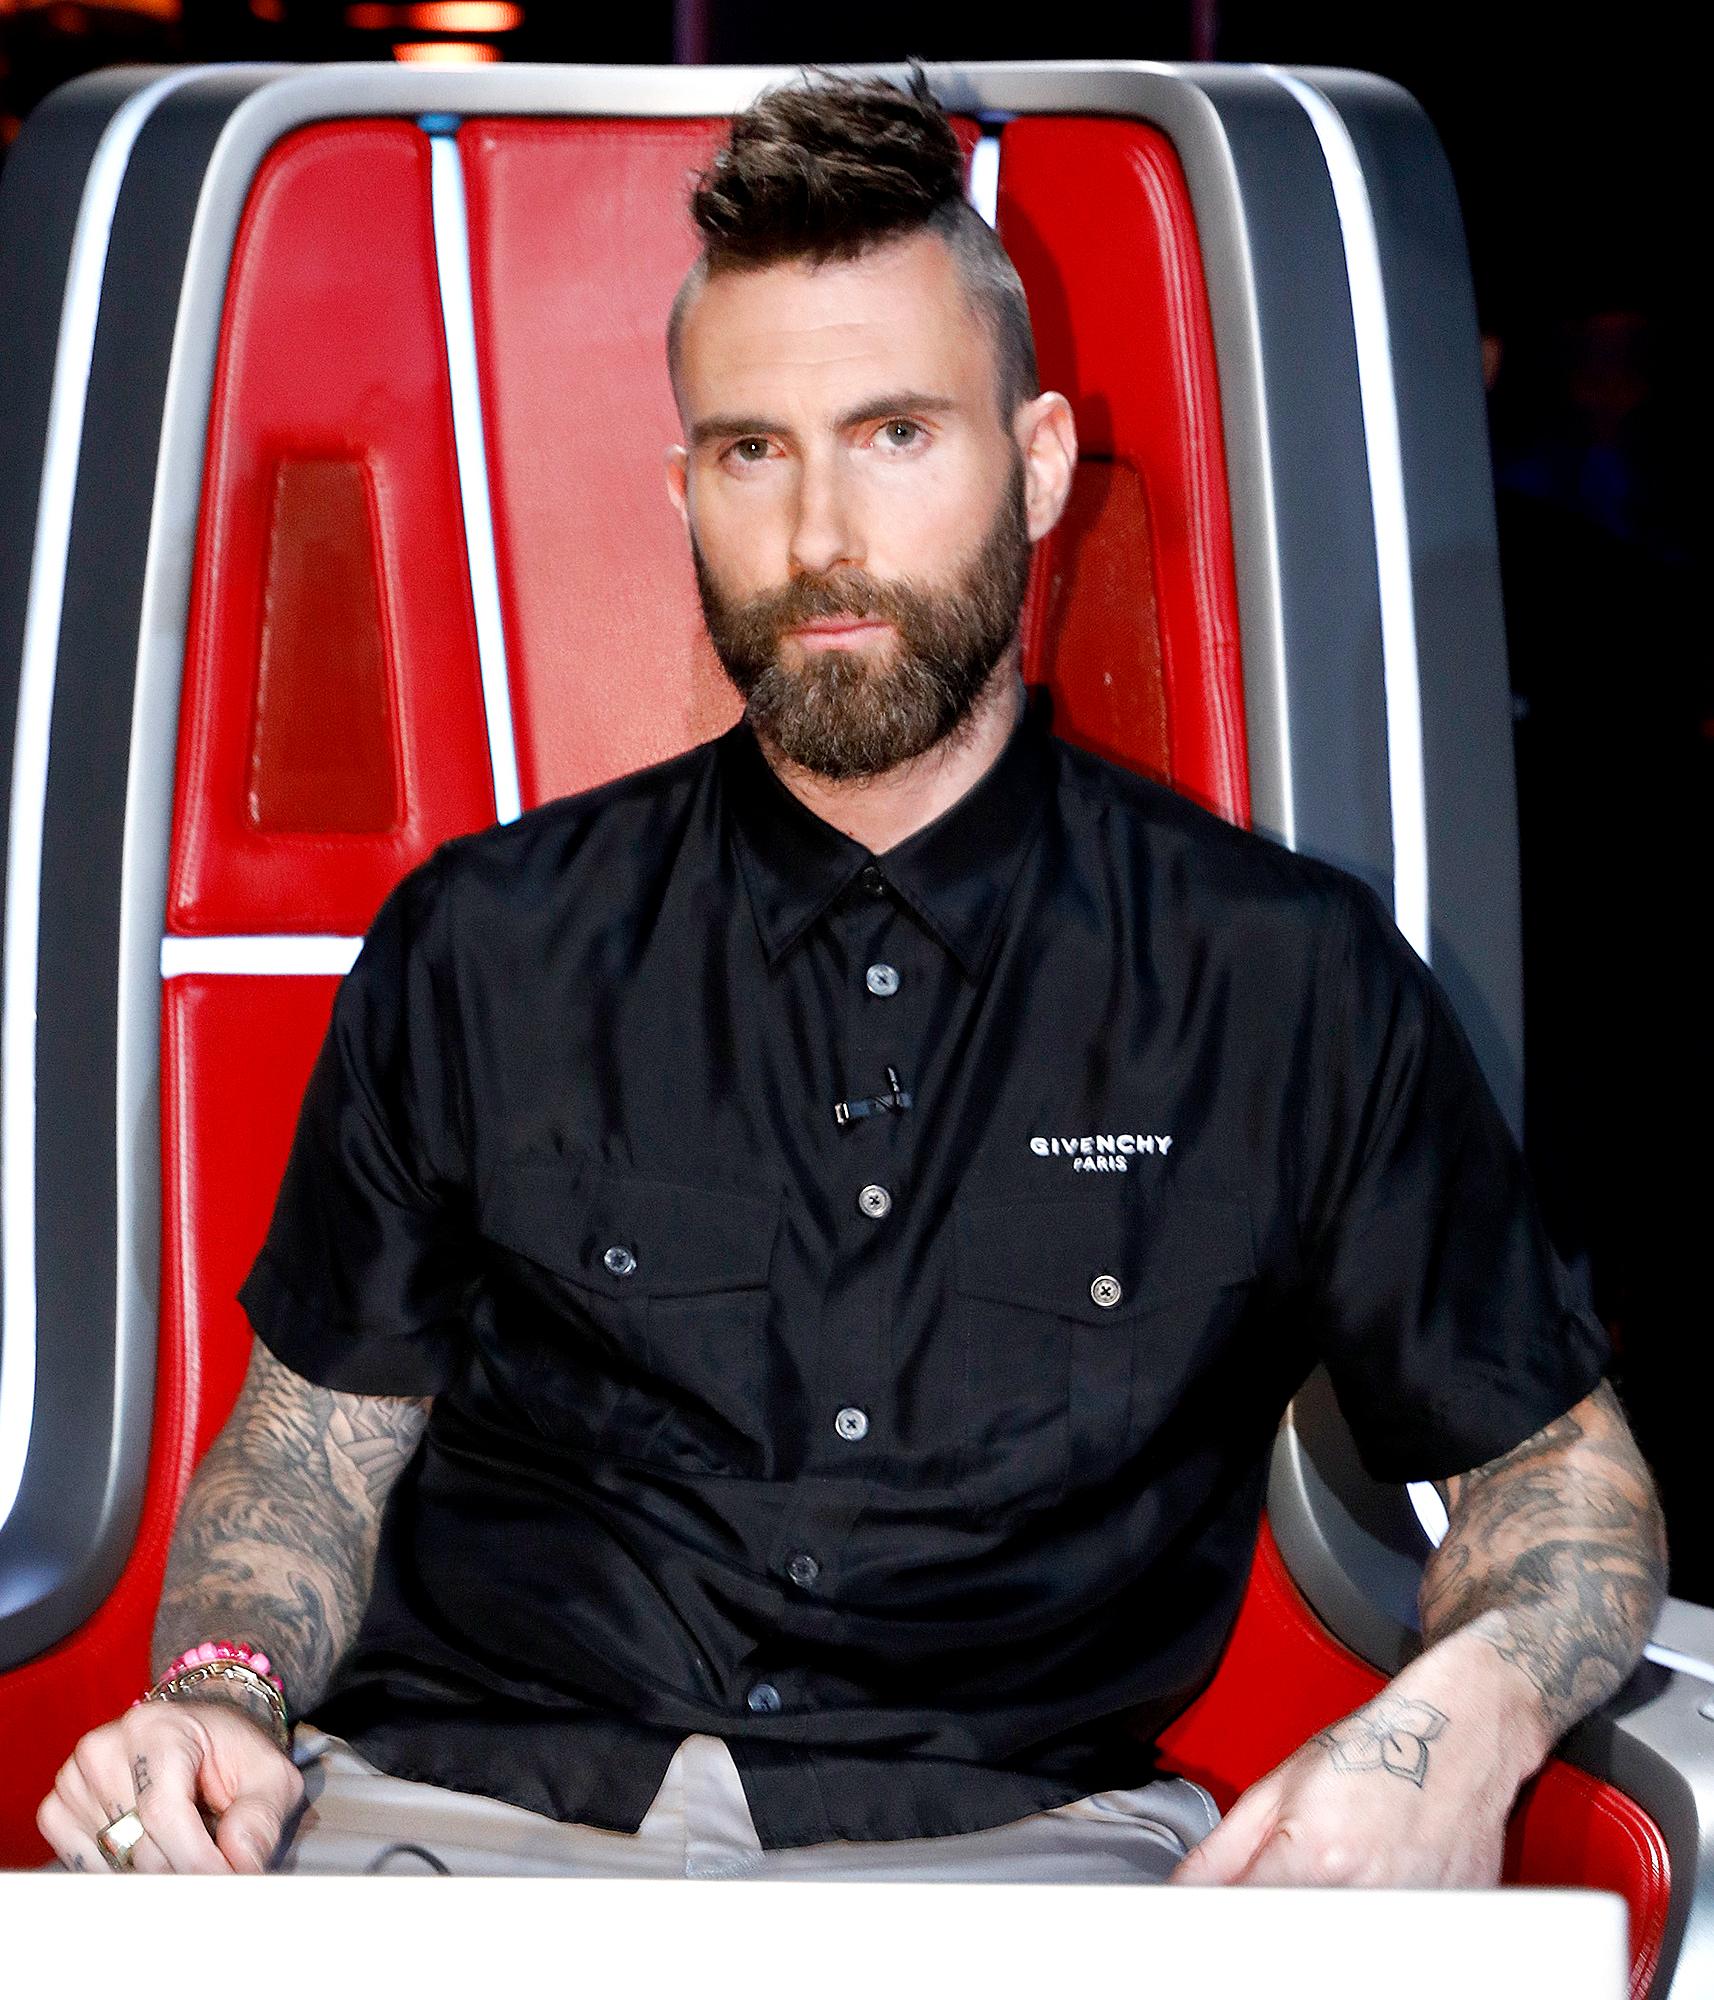 Adam-Levine-leaving-The-Voice